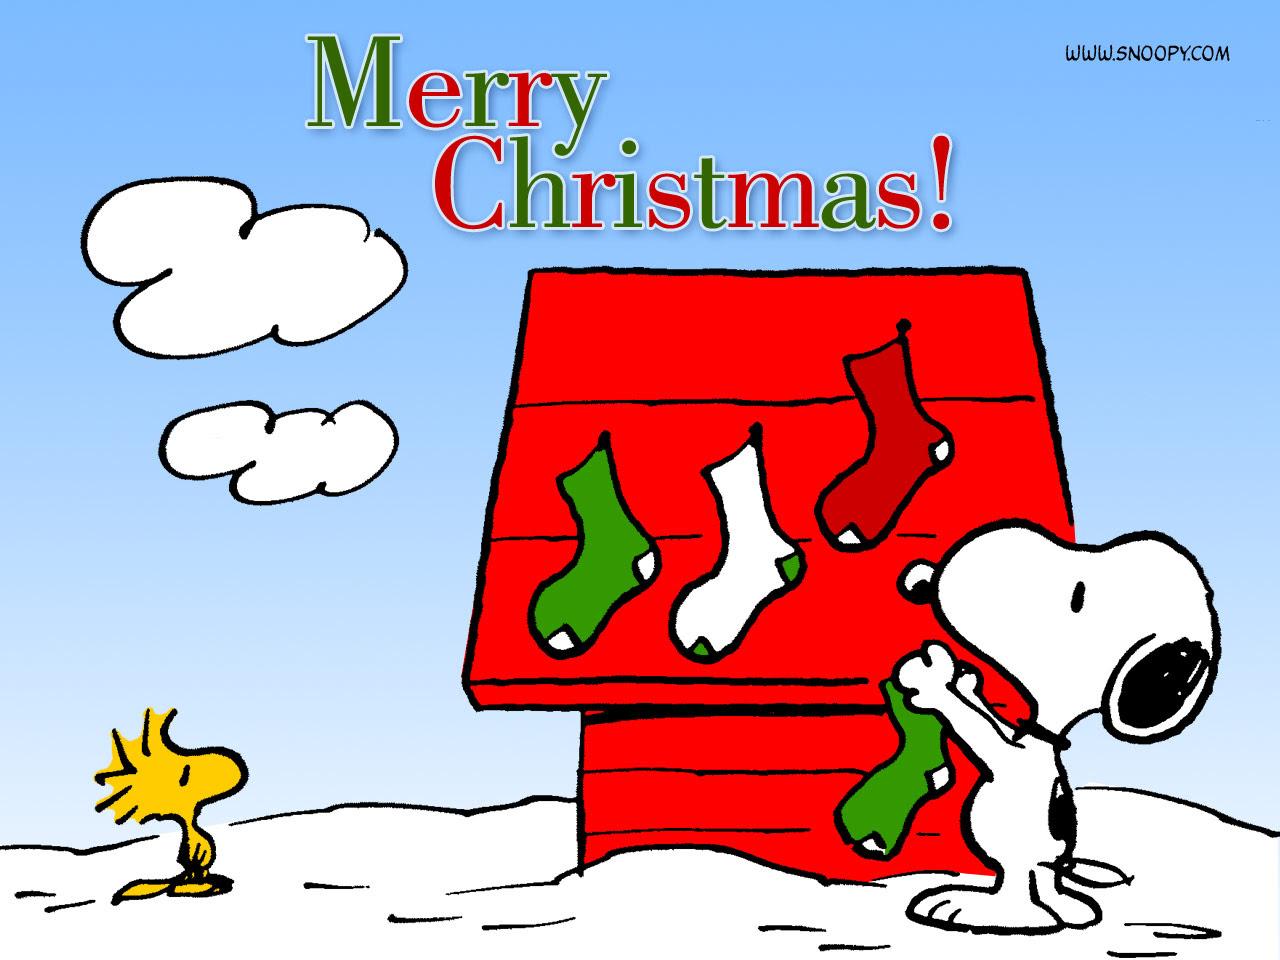 スヌーピー クリスマス ピーナッツ 壁紙 452770 ファンポップ